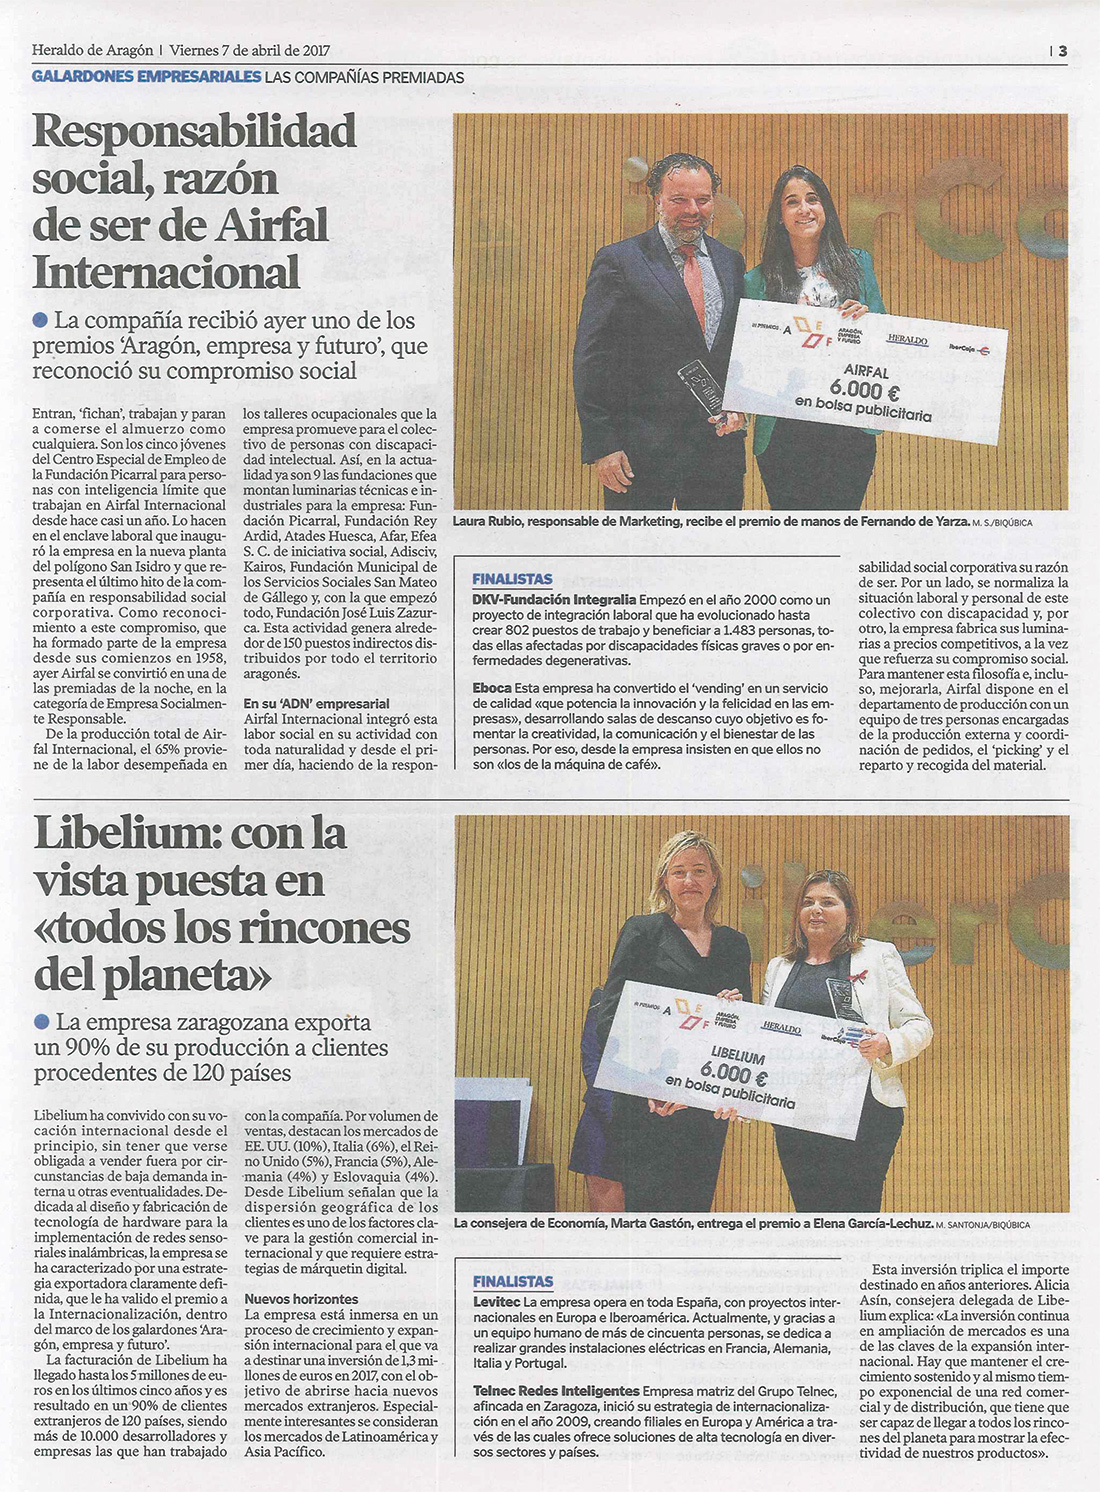 Heraldo de Aragón – Premios 'Aragón, Empresa y Futuro'